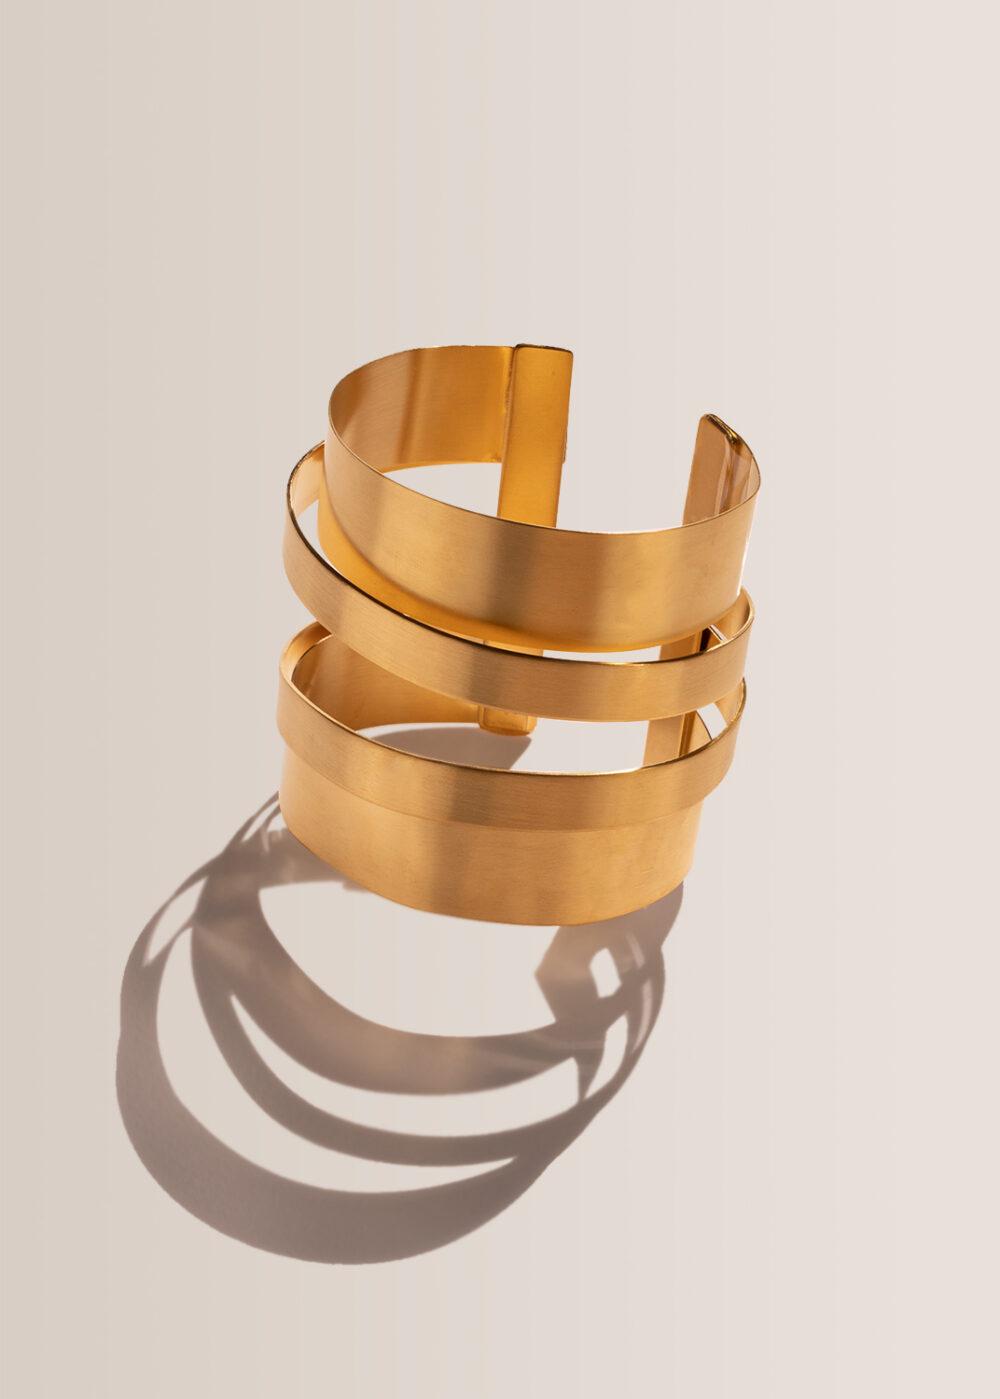 Armreif-Statement-Kreise-gold-matt-olympia